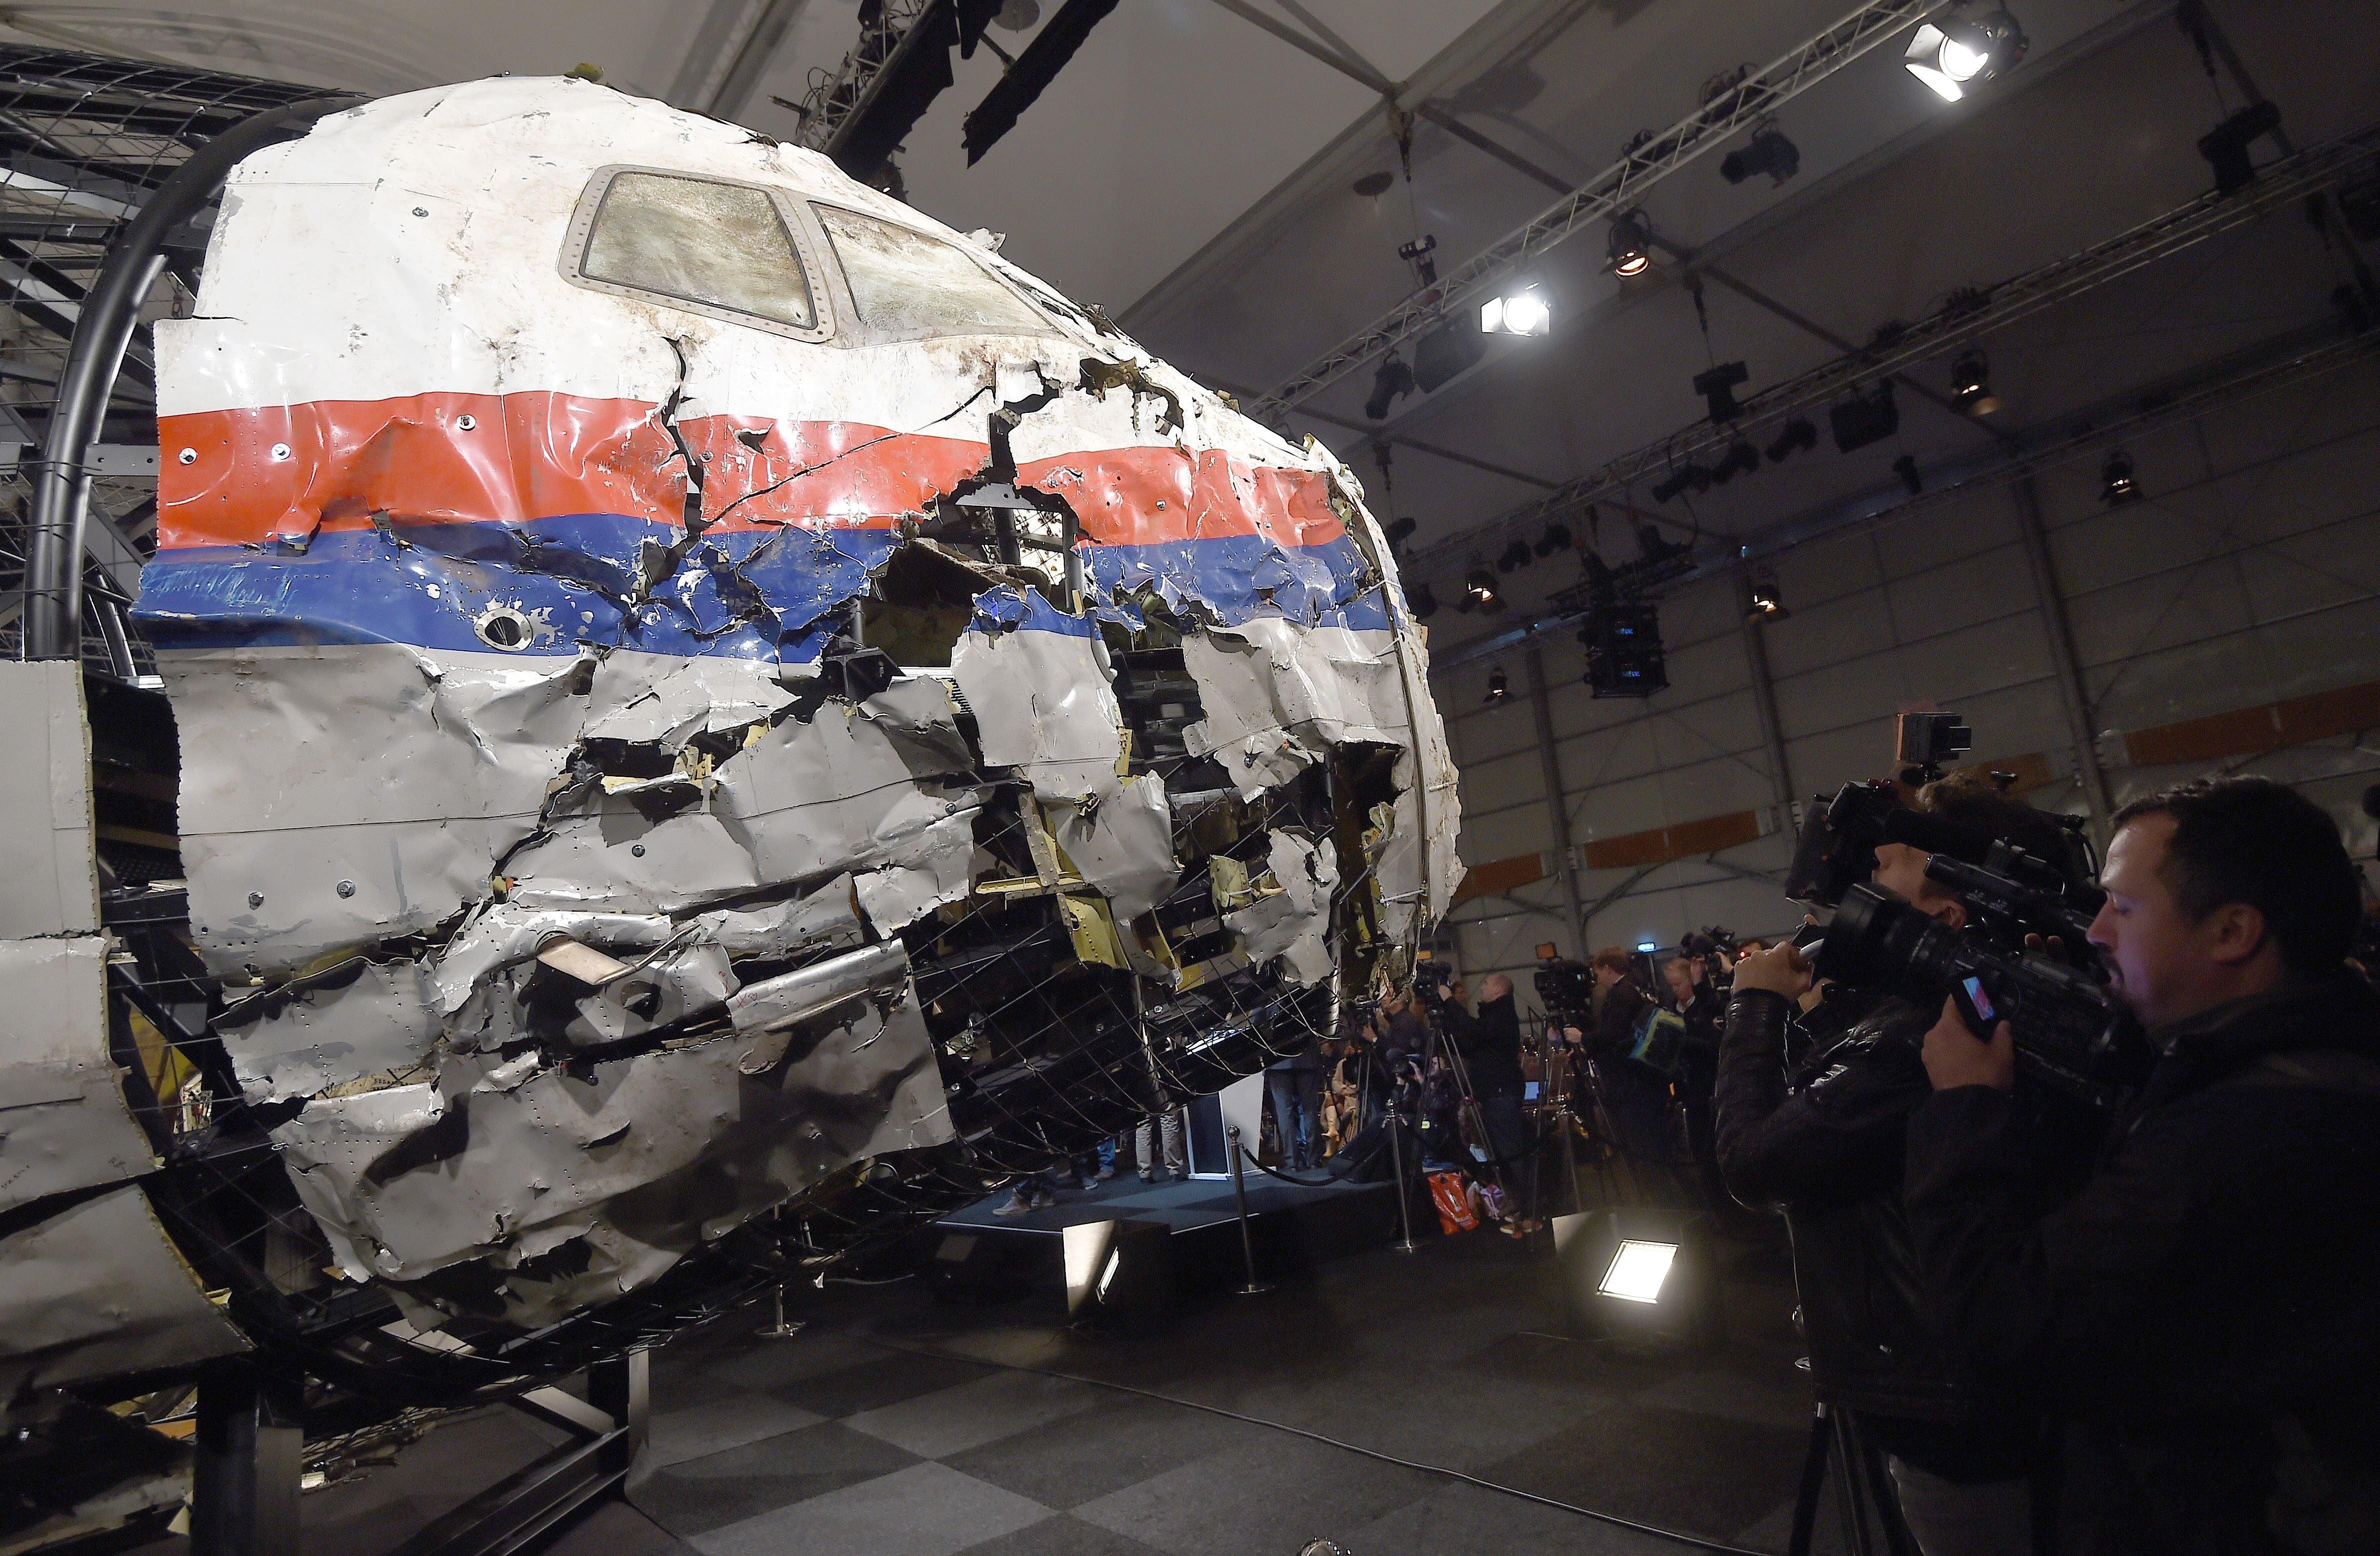 Ο Πούτιν αρνείται ότι το Boeing των Μαλαισιανών Αερογραμμών καταρρίφθηκε από ρωσικό